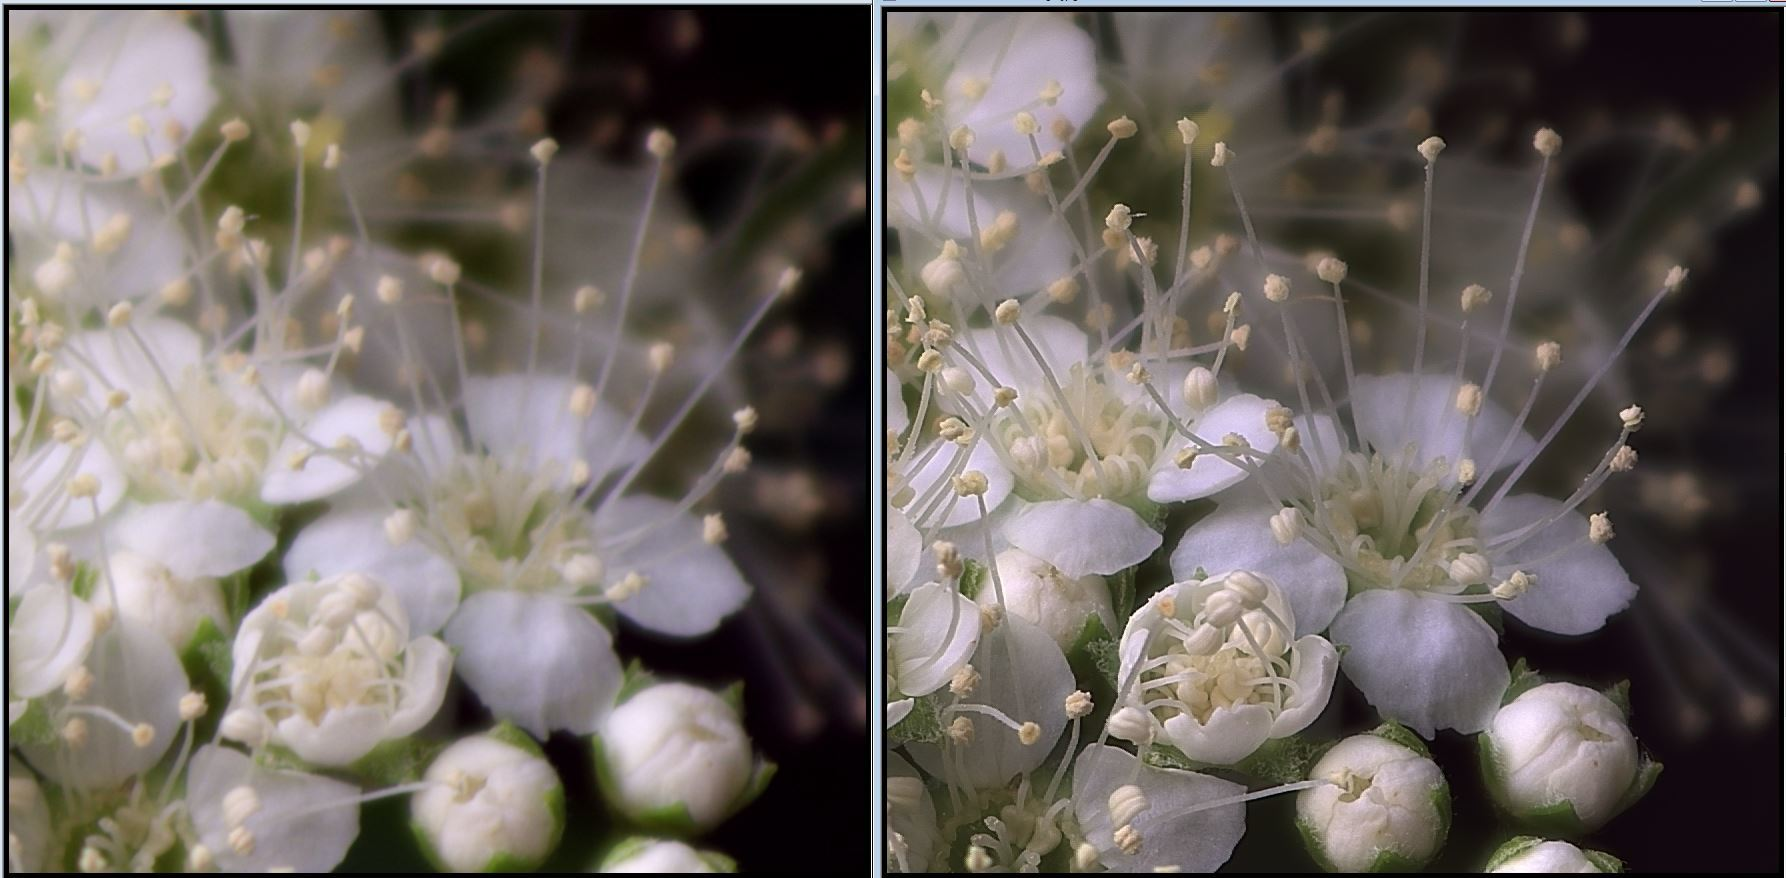 天体望遠鏡でお庭の花を撮る遊び_f0346040_22180355.jpg